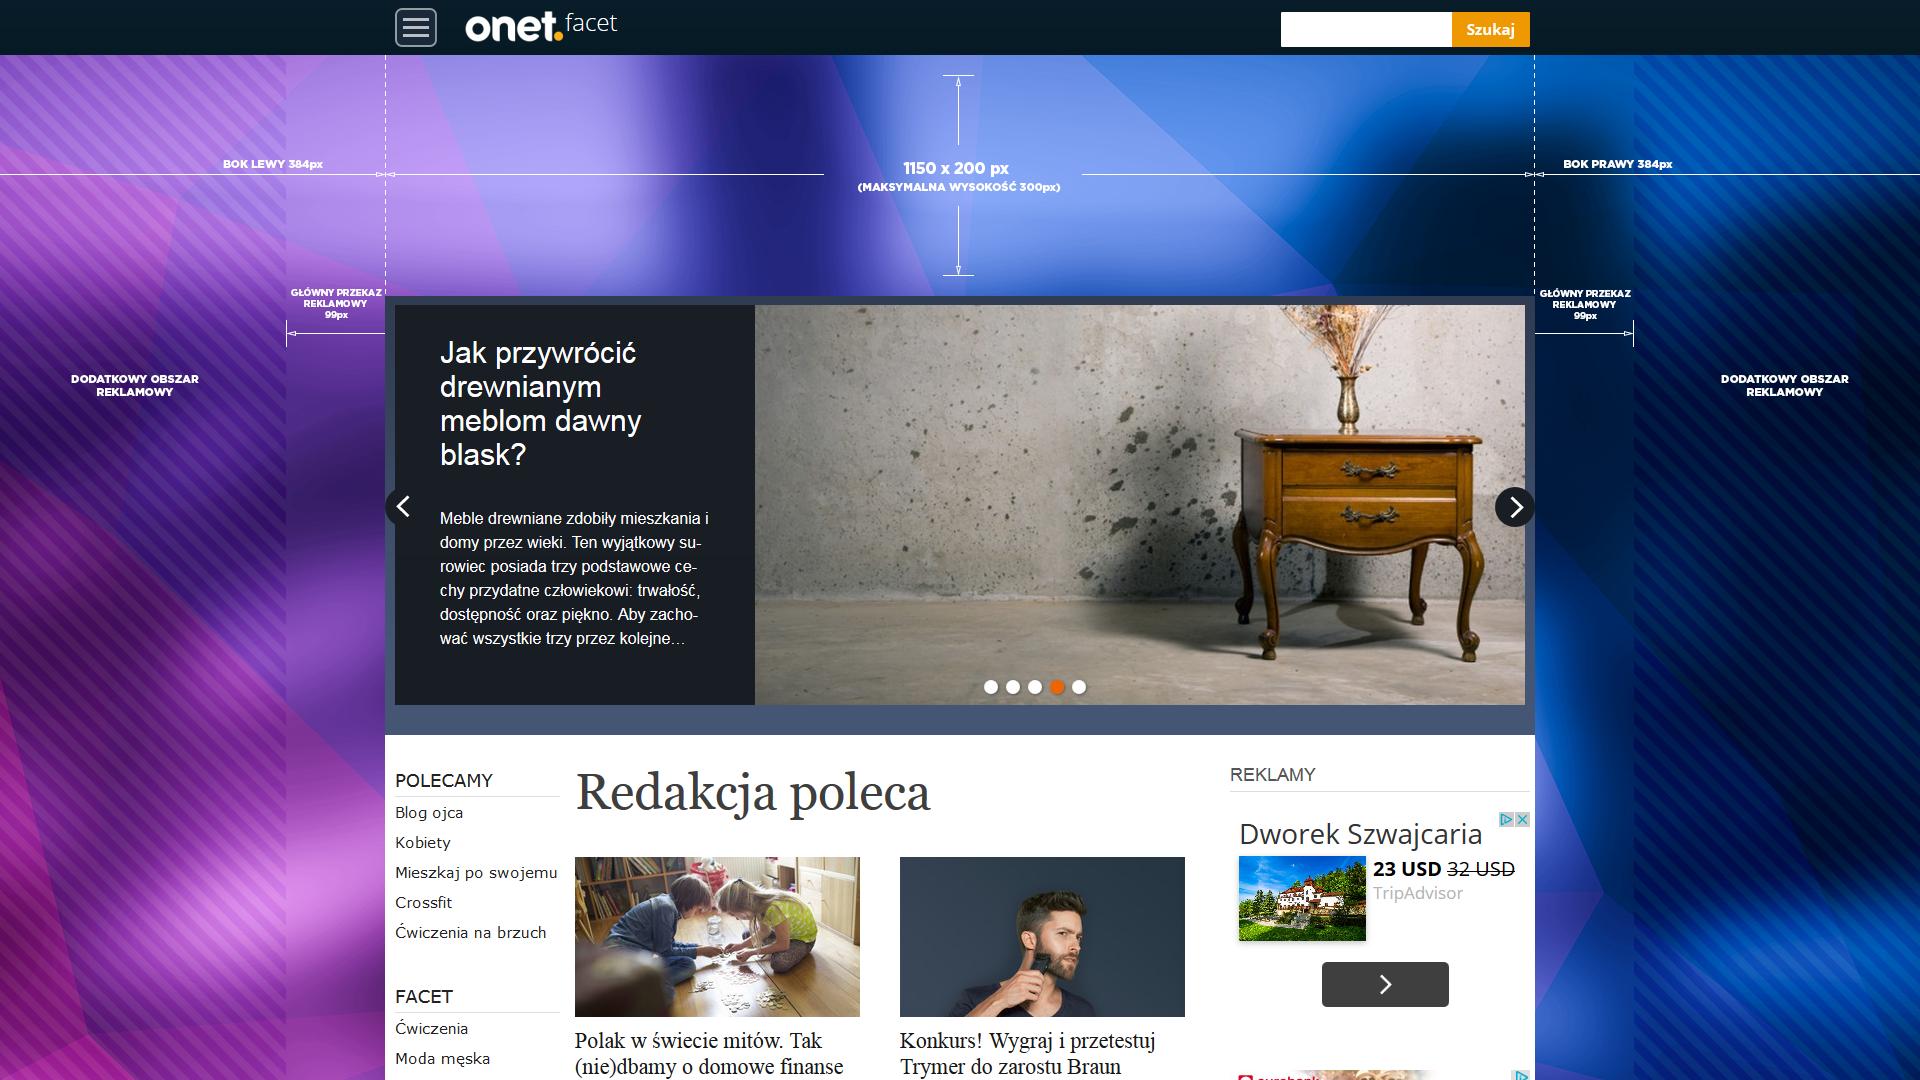 3c65018e8cade Motocykle.onet.pl. Muzyka.onet.pl. Ofsajd.onet.pl. Podróże.onet.pl.  Poznajpolske.onet.pl. Strefatajemnic.onet.pl